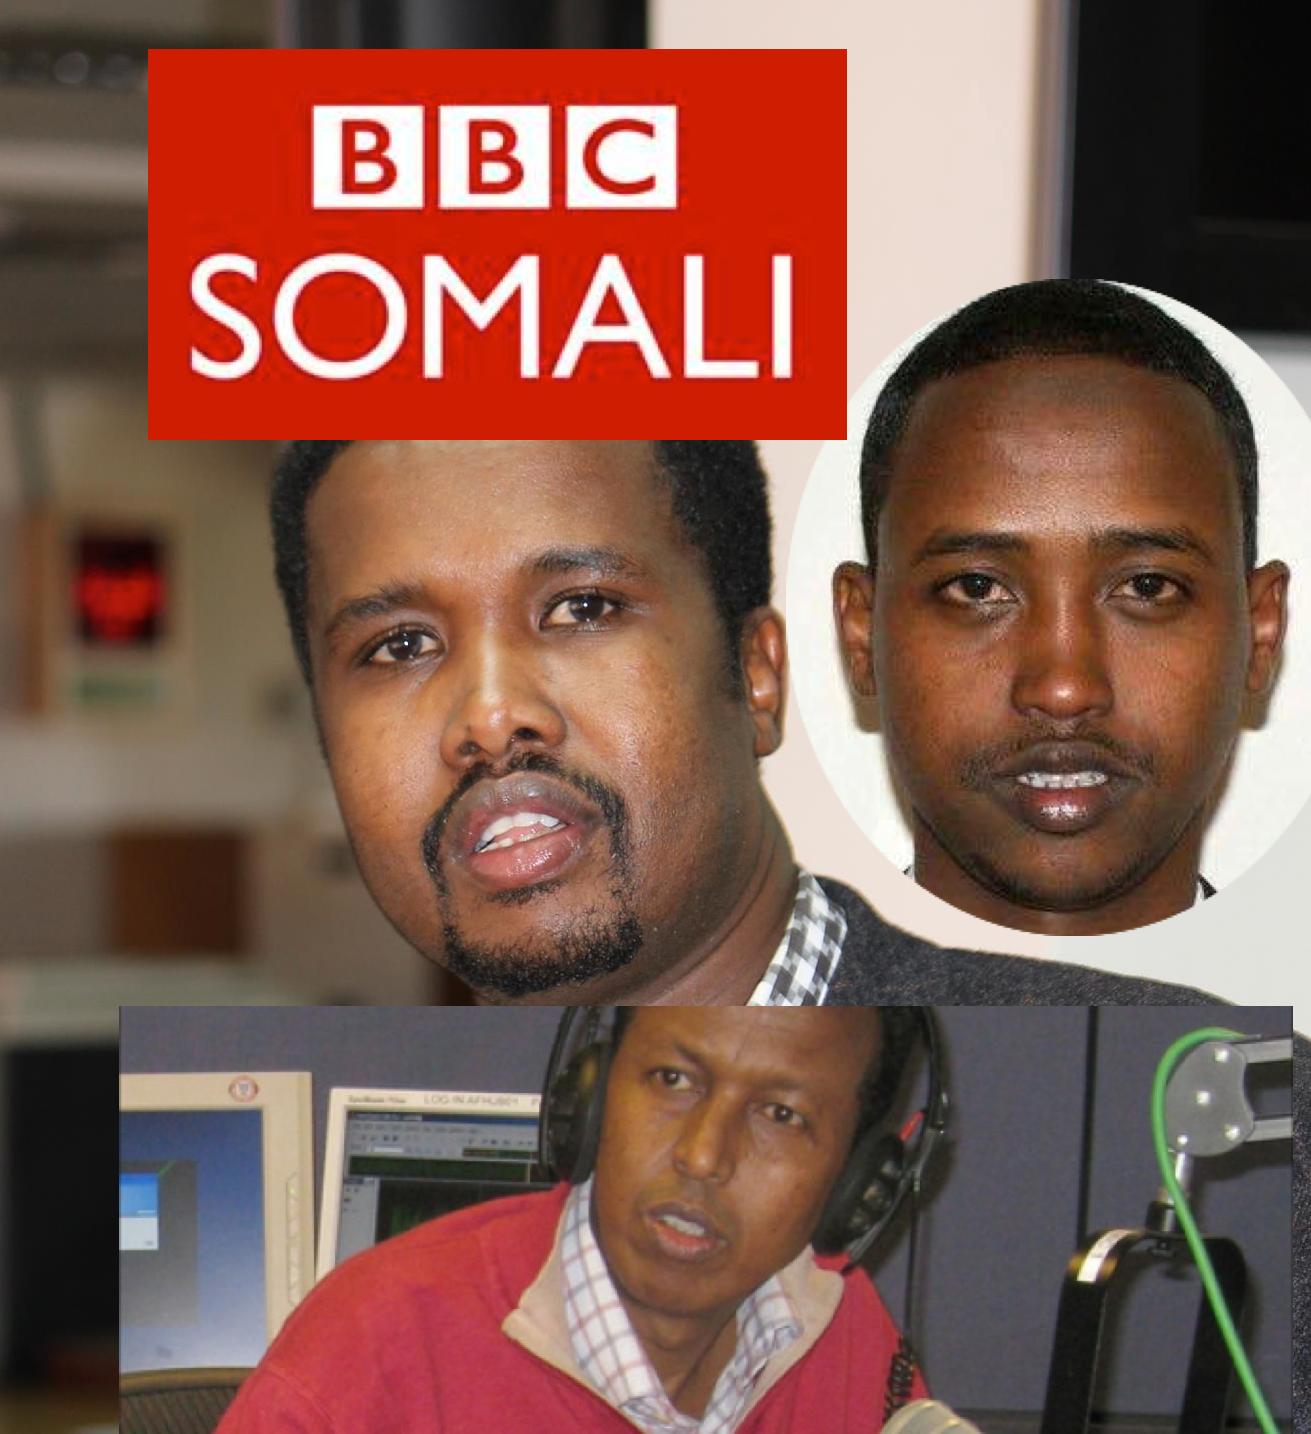 [Topnews:-] Wariyeyaasha BBC Somali Xarunta Nairobi oo Mareexaan iyo Ogaadeen u xintamaya ?